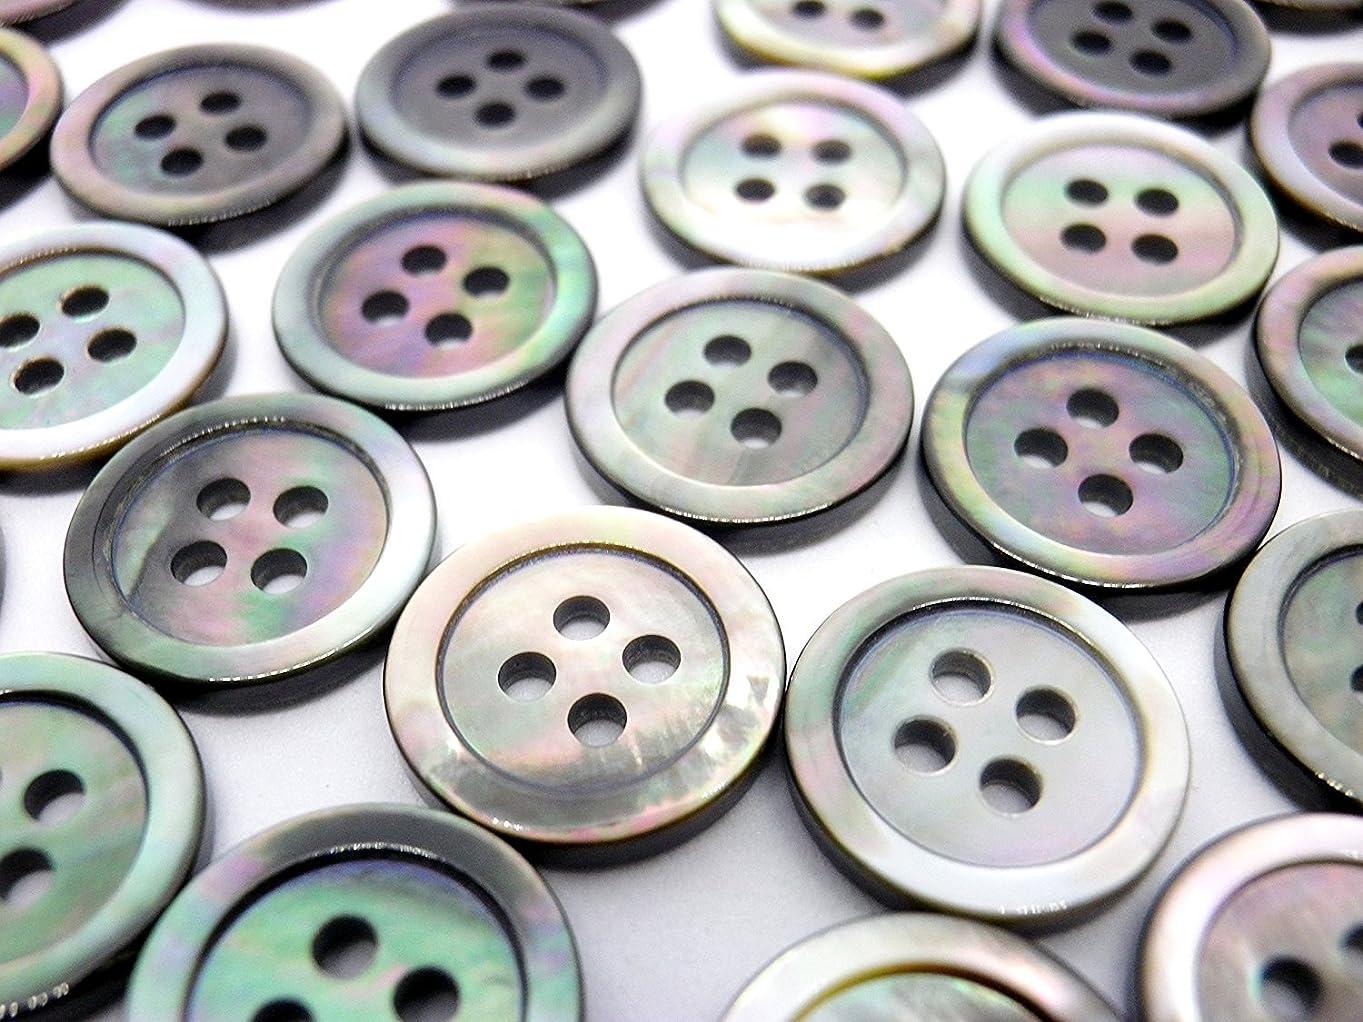 クローン価値のない歪めるQIN 木のボタンセット ウッドボタン 福袋 シンプル アンティーク調 手芸 手作り ボタン 2つ穴 50枚セット 手芸に最適 18mm